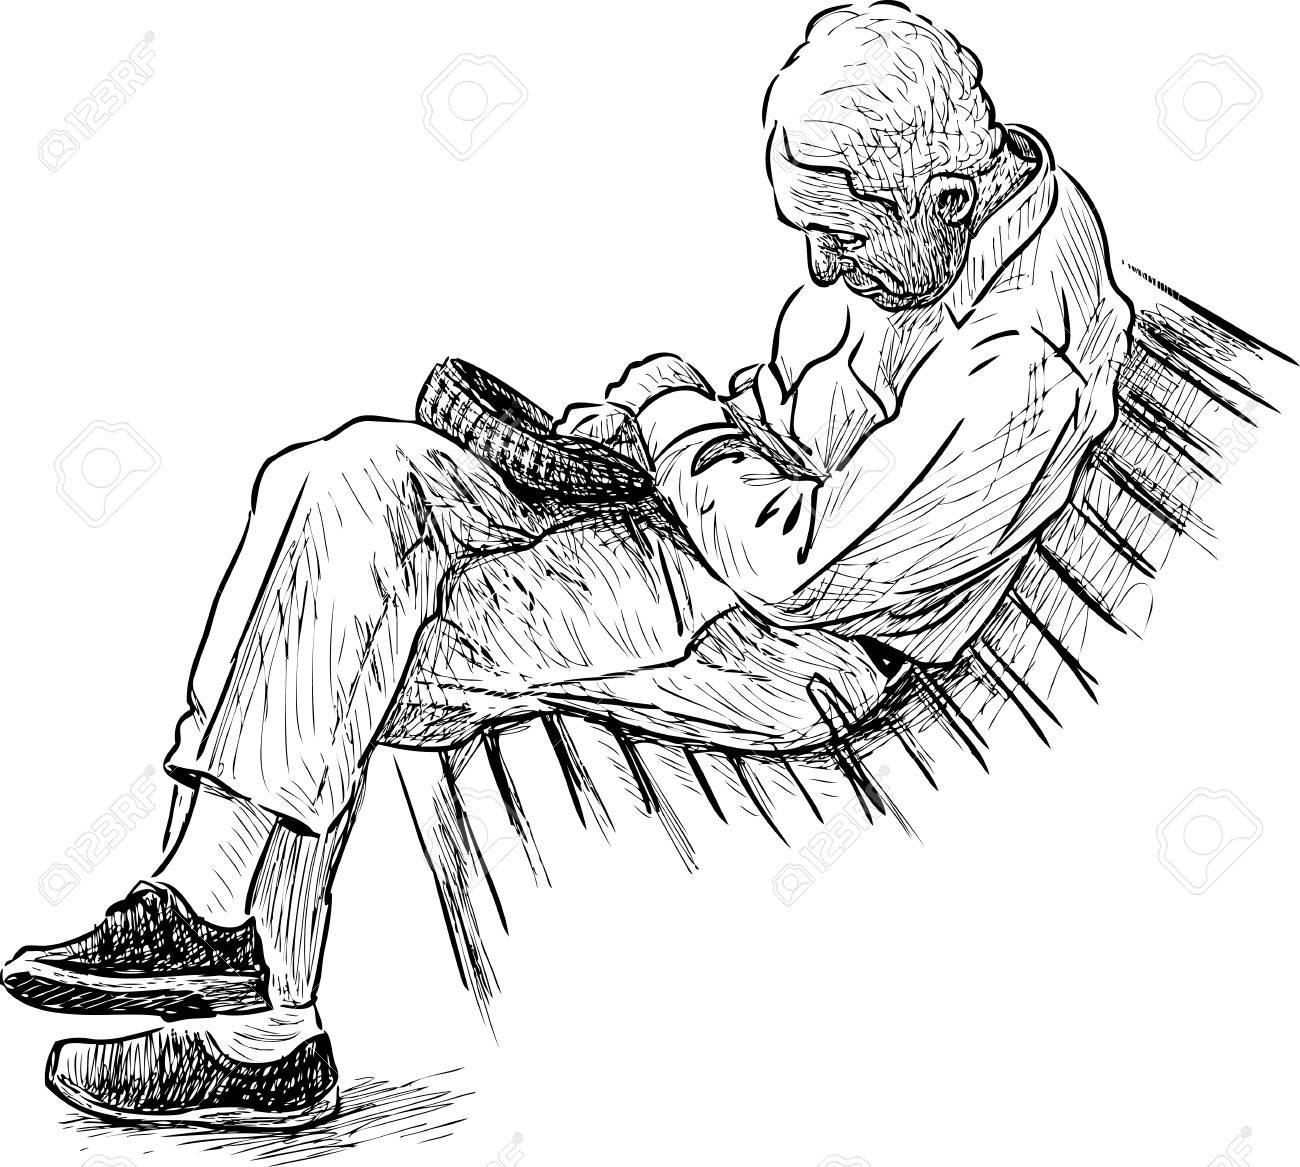 An old man sleeps on a park bench - 81653876